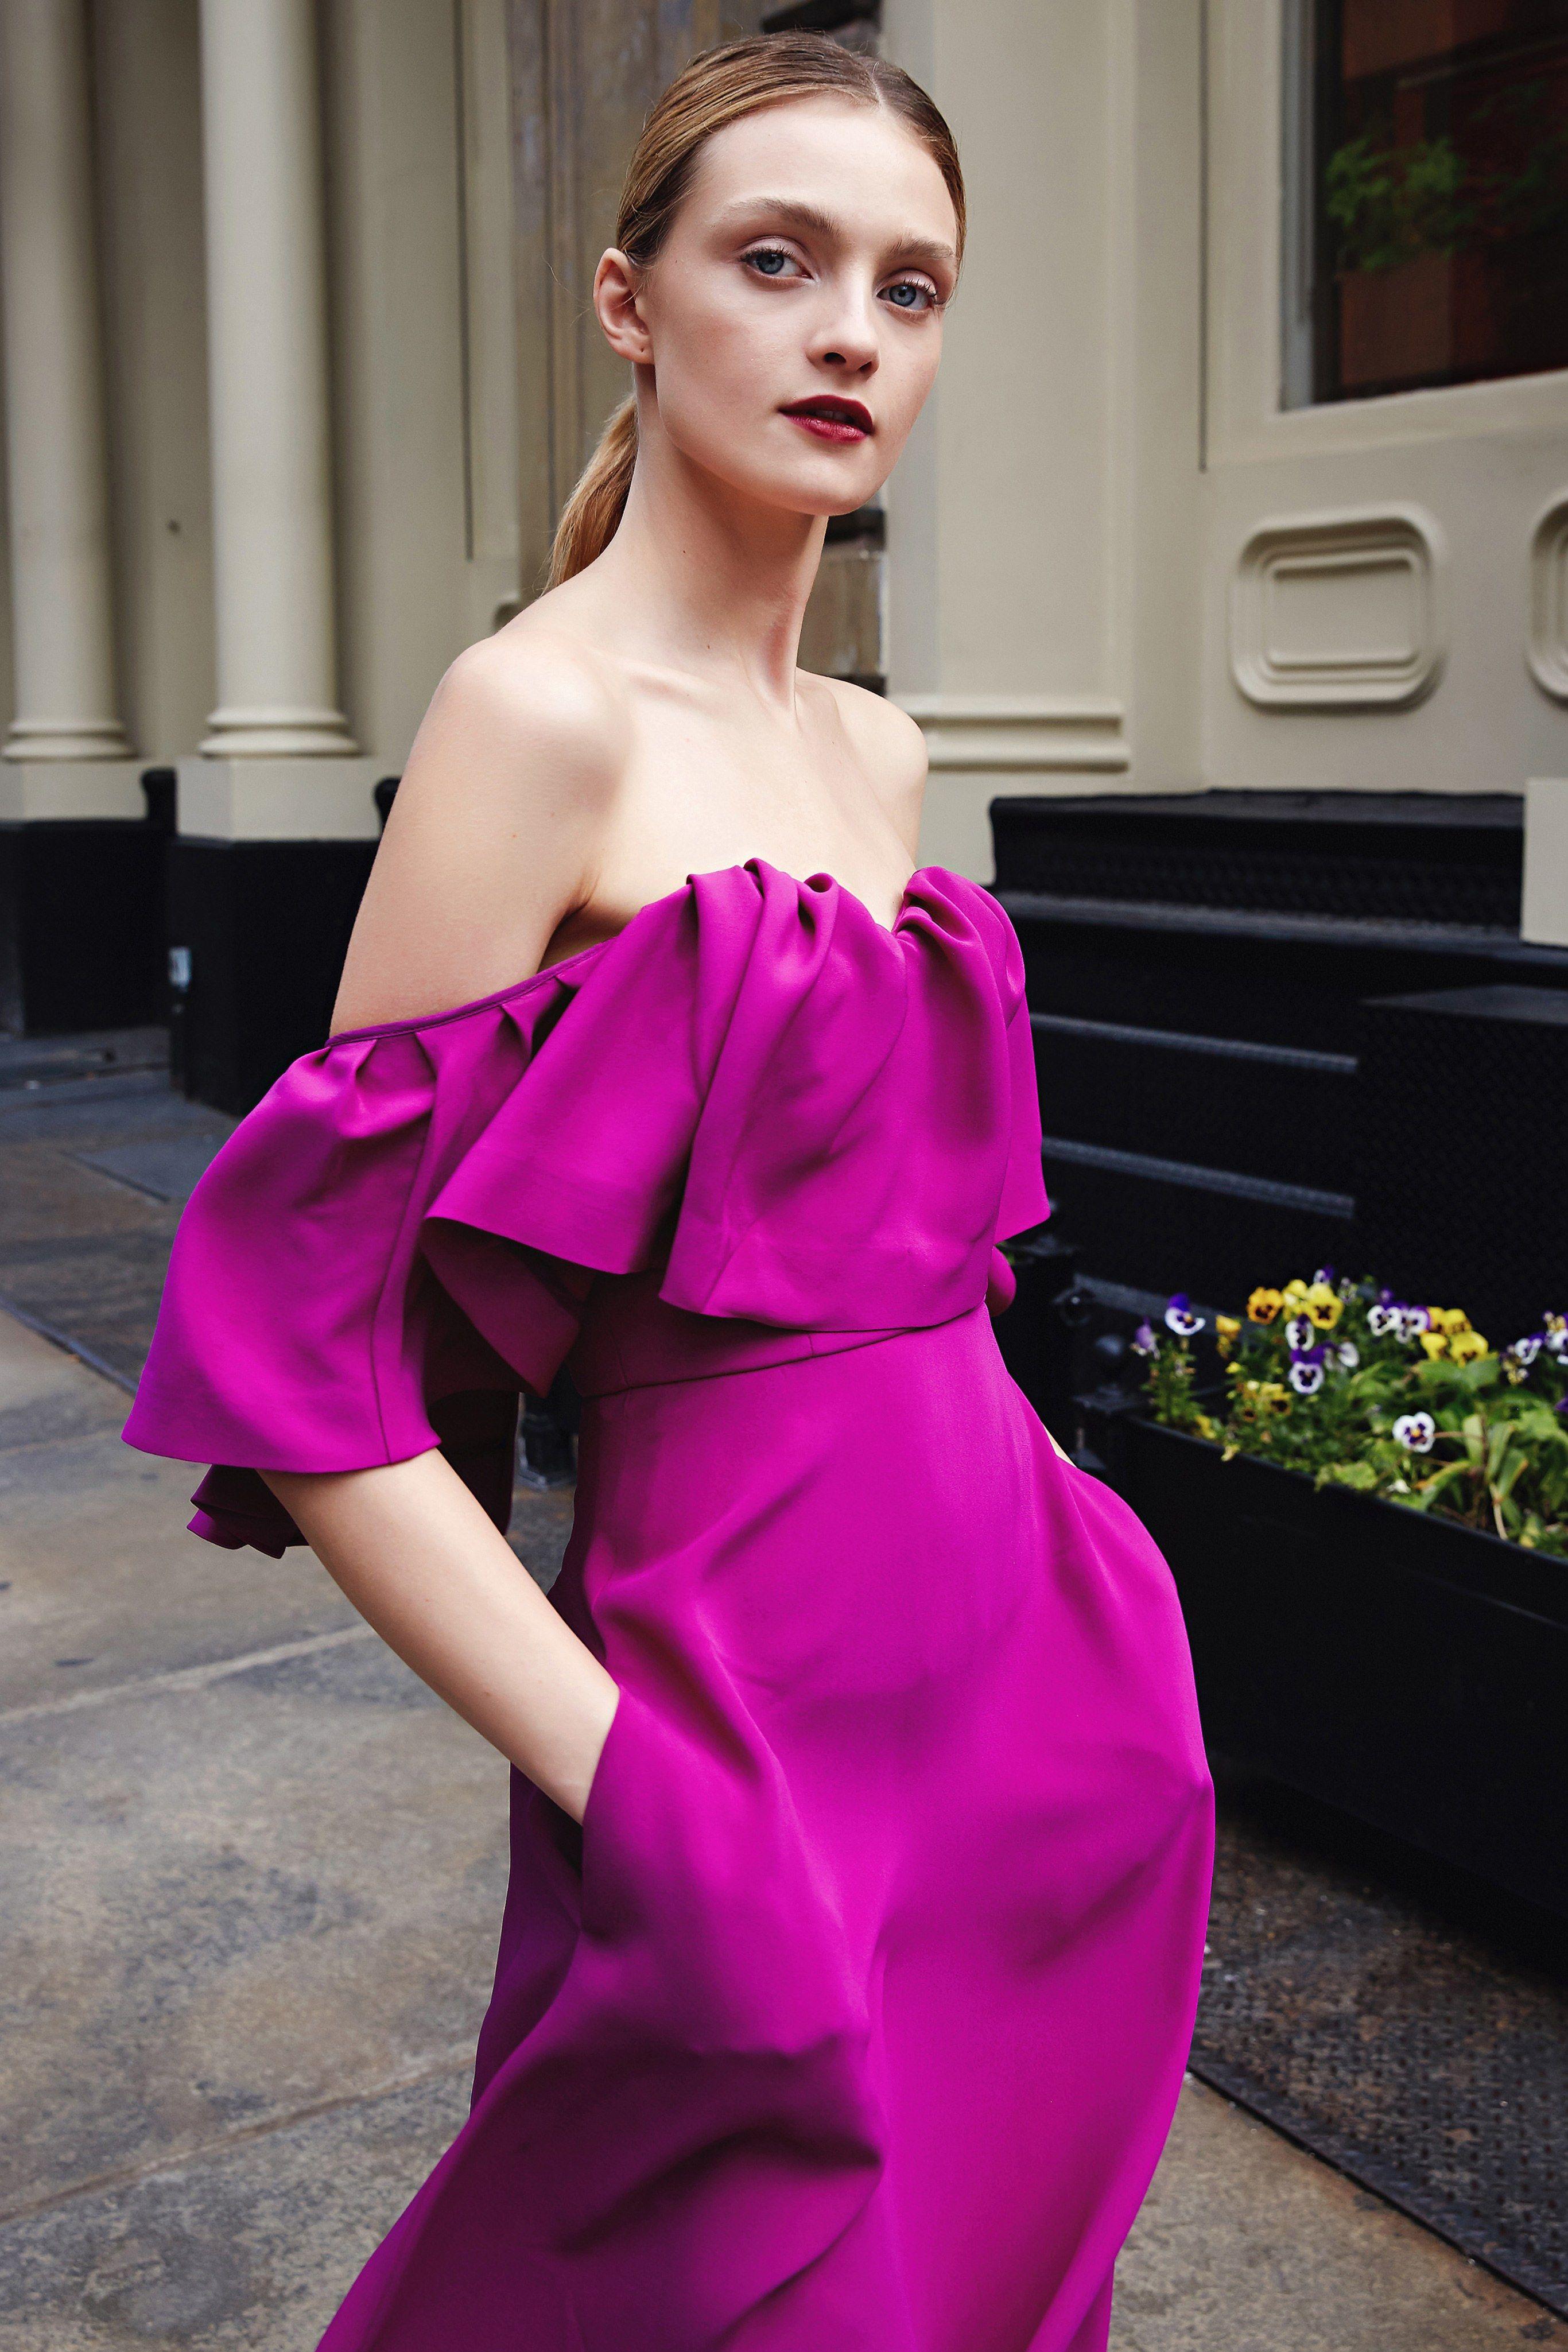 Lela Rose Resort 2019 Fashion Show | Diseños de moda, La pasarela y ...